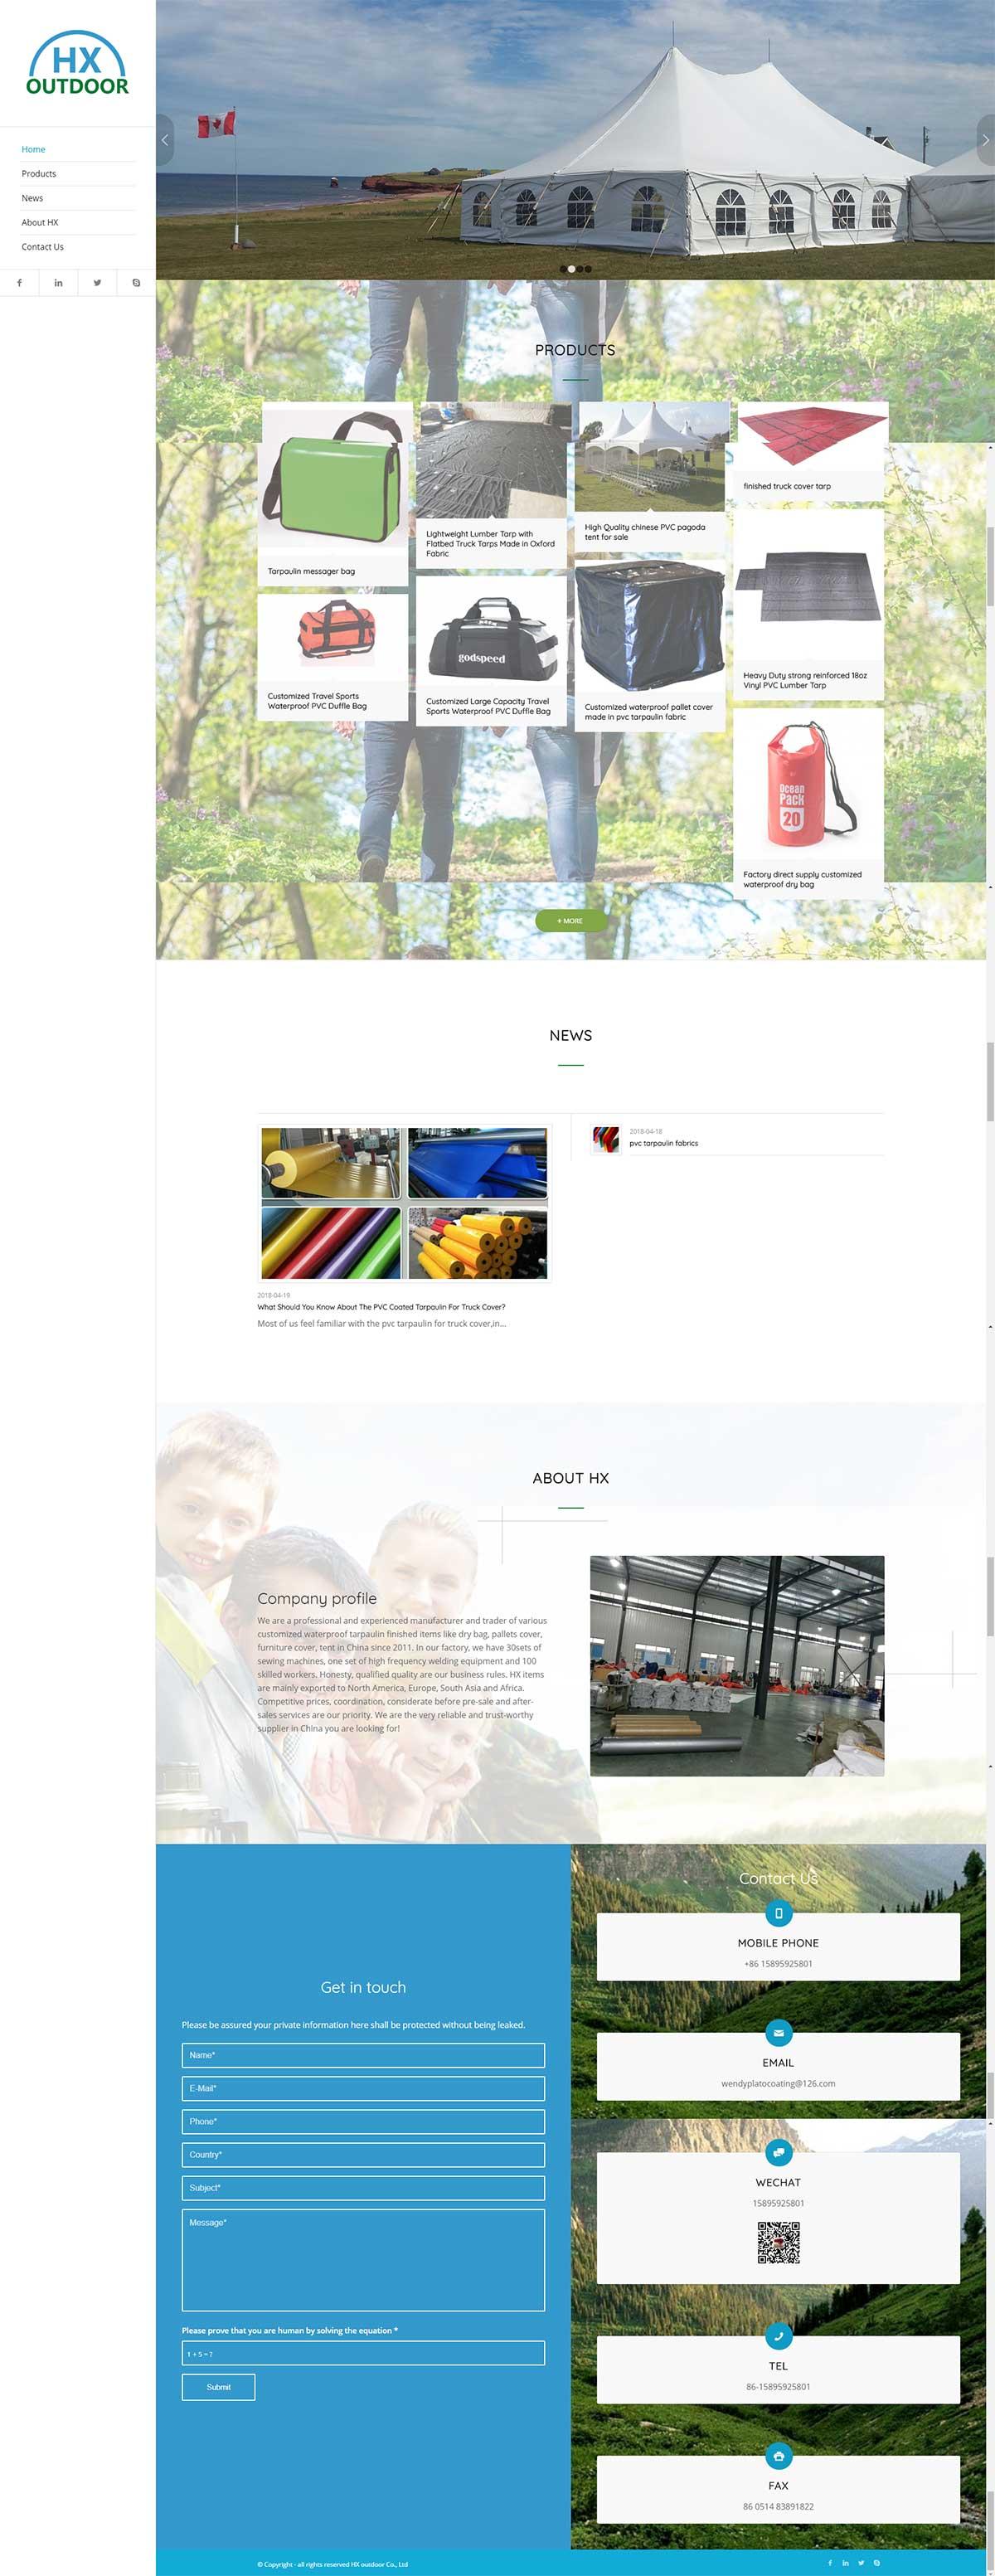 Wordpress户外用品主题模板